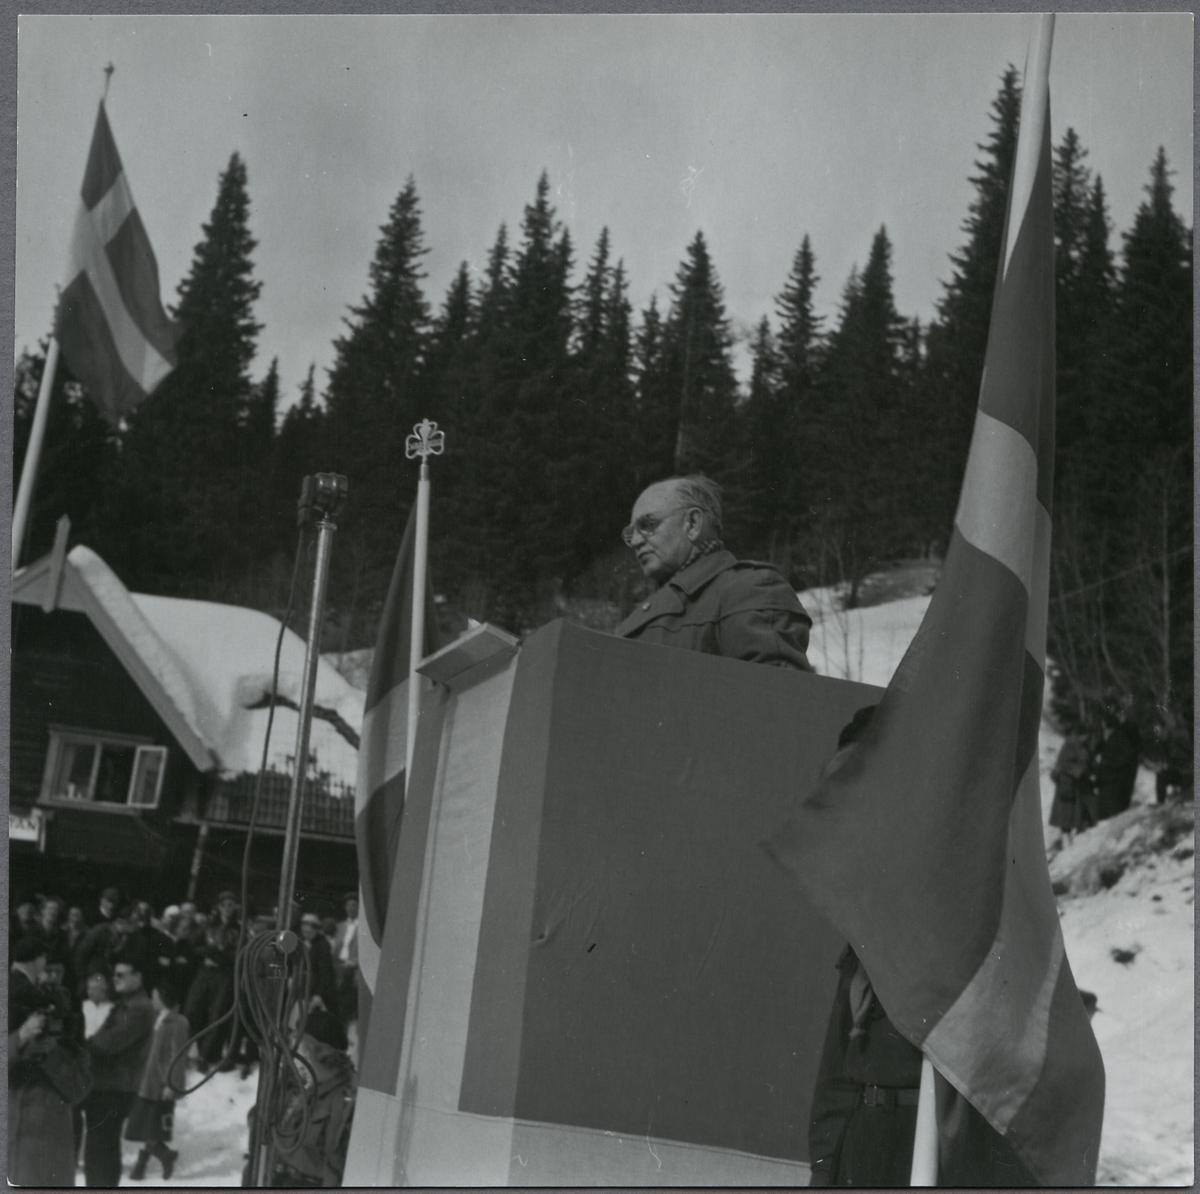 Invigningstal i samband med invigning av Åre linbana